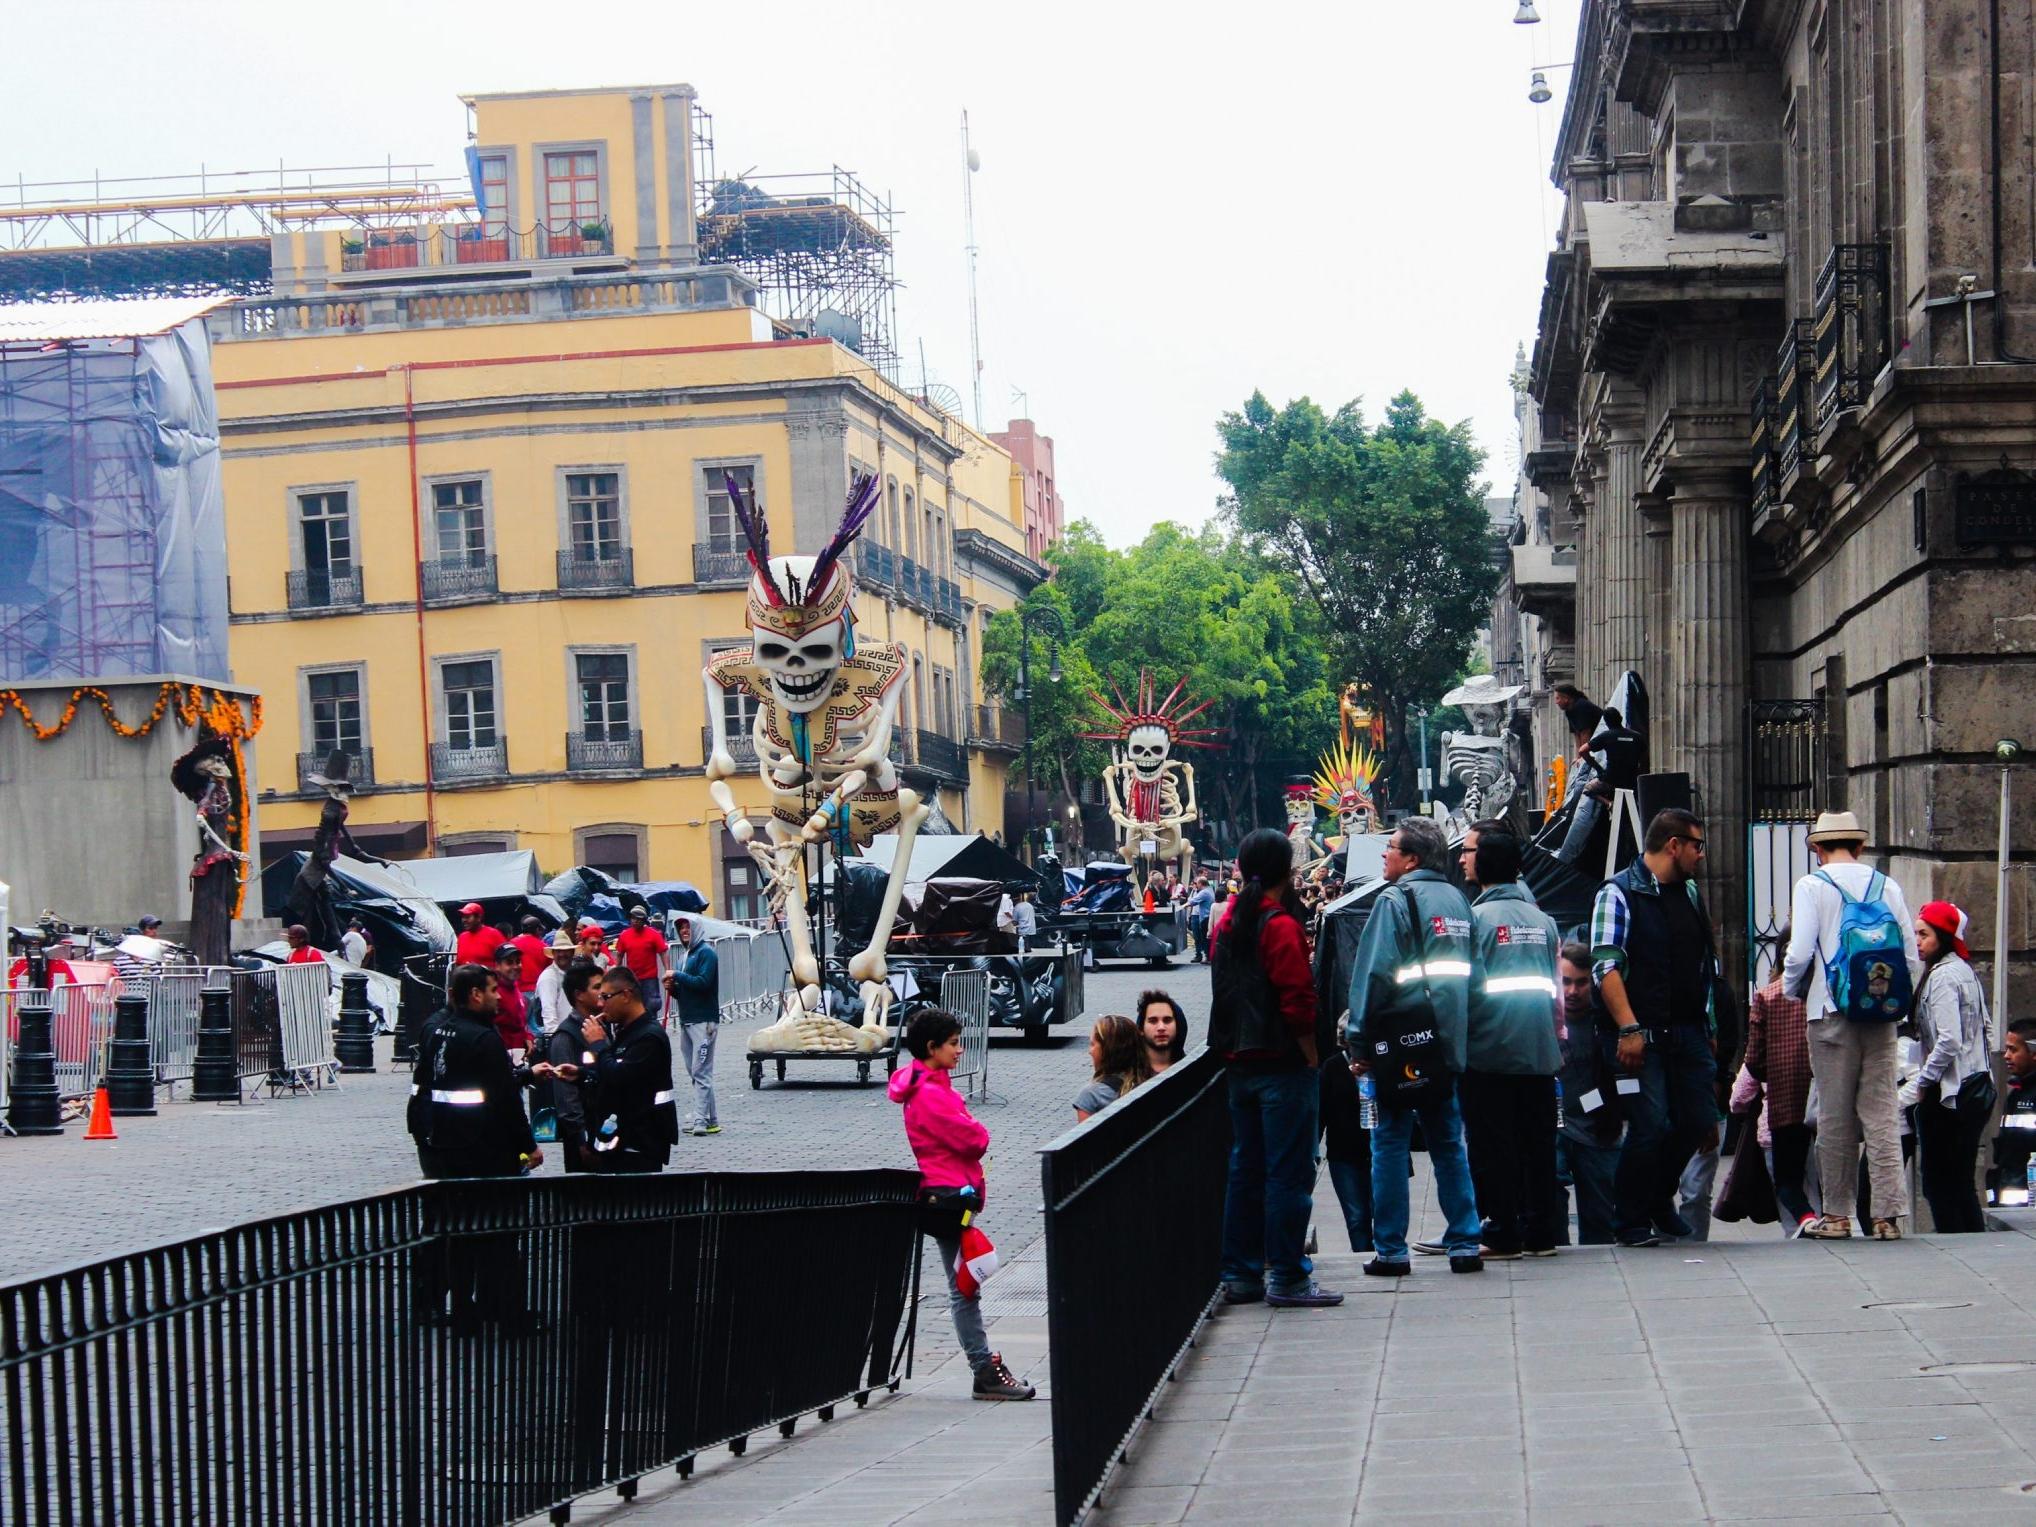 Calles del Centro Histórico reabrirán el miércoles tras filmación de 'Spectre' 007